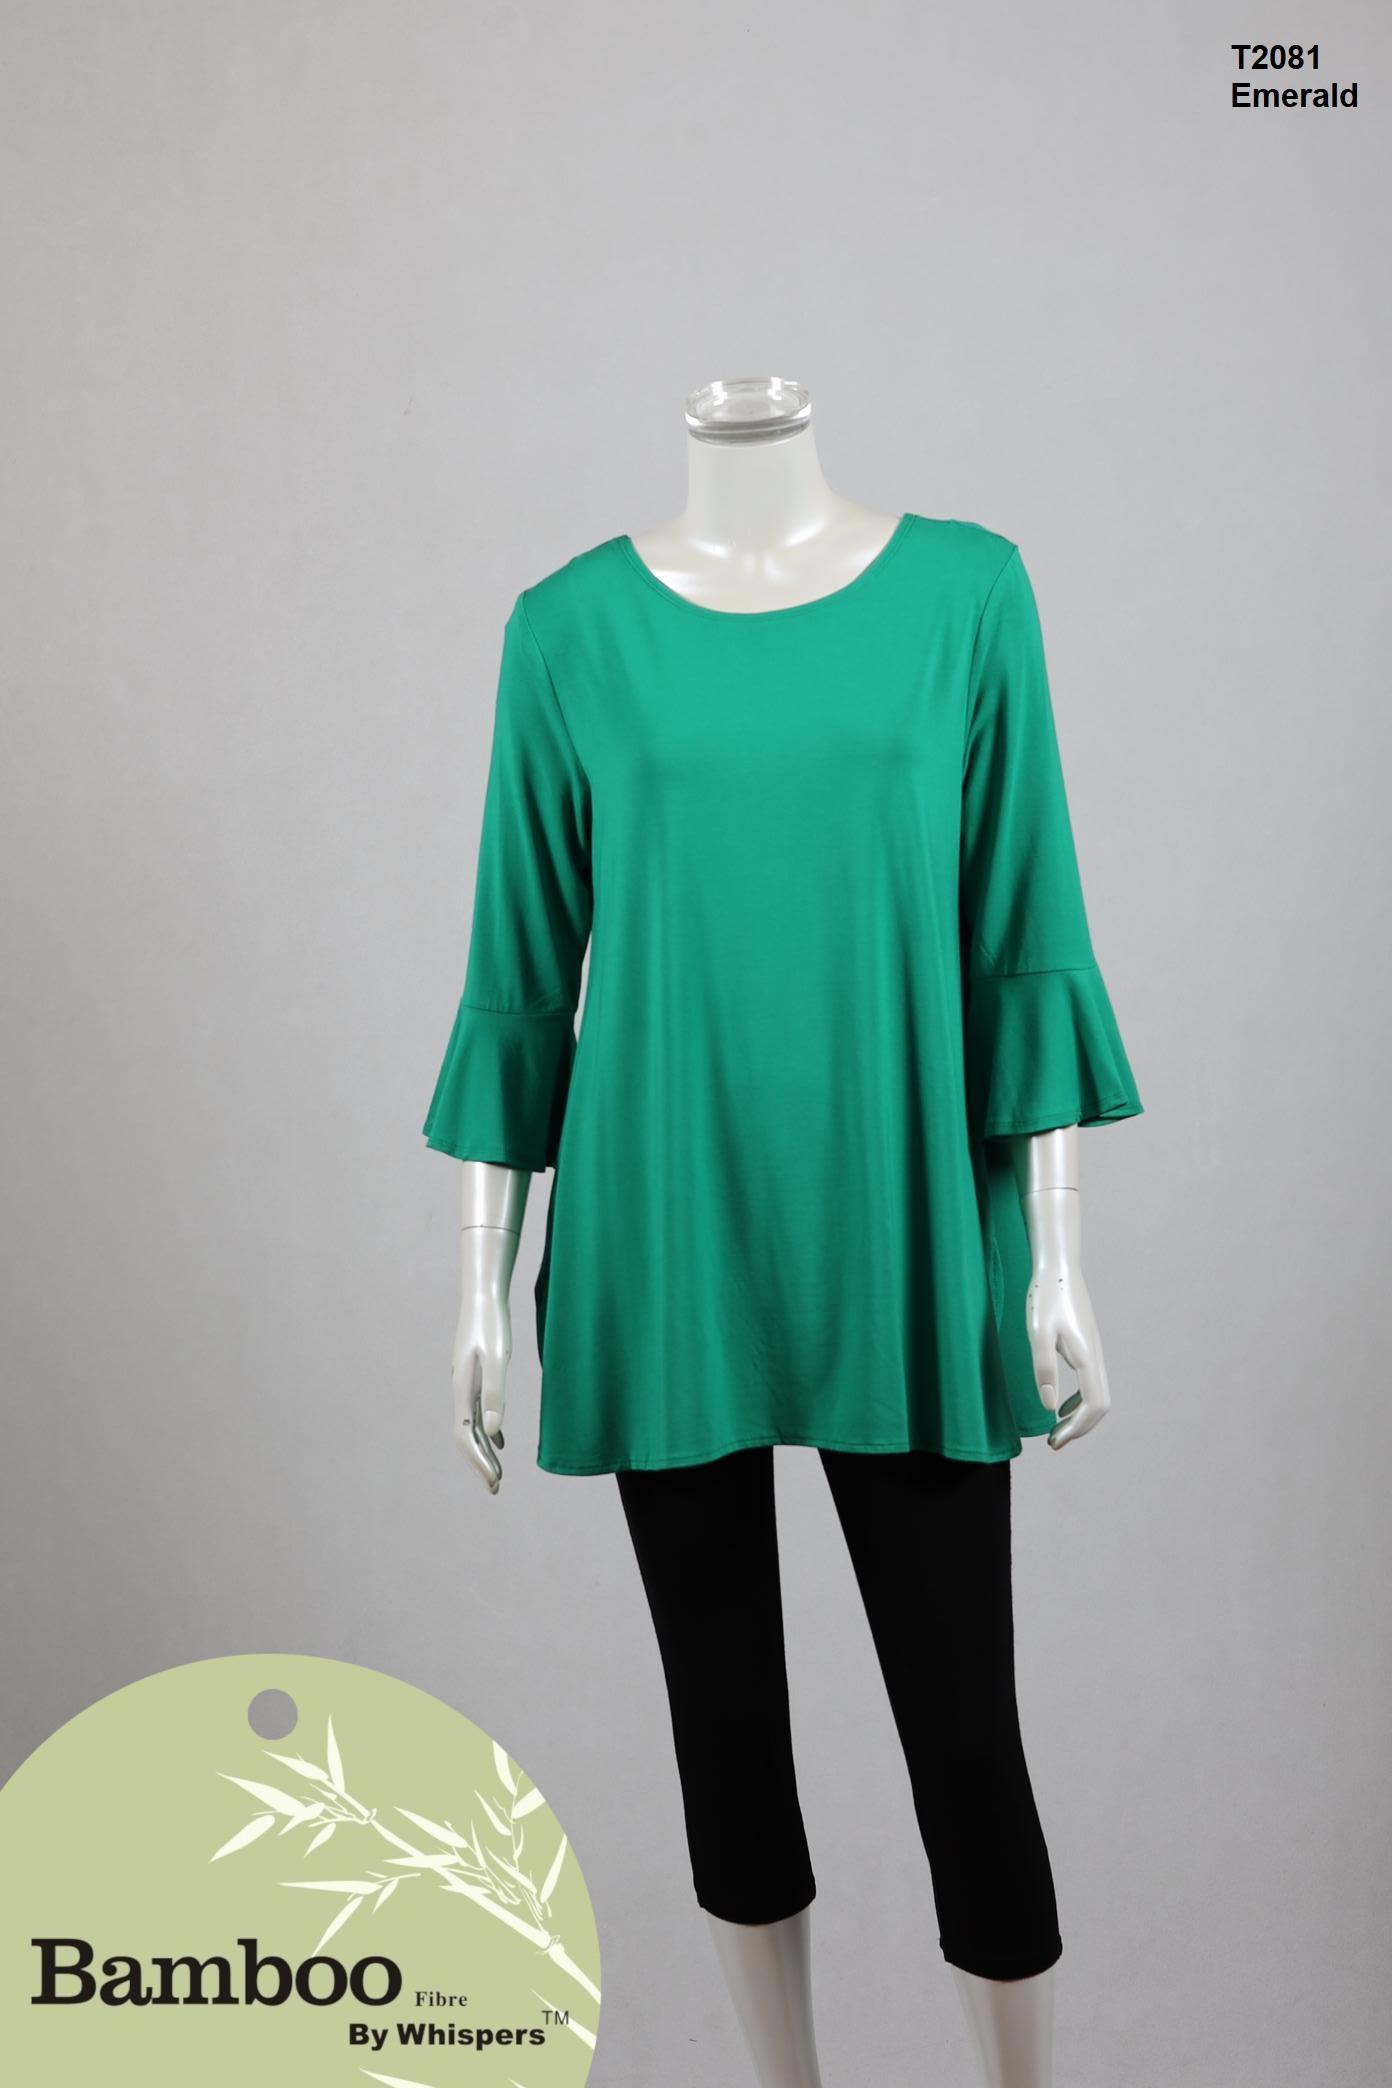 T2081-Bamboo Tunic-Emerald.JPG